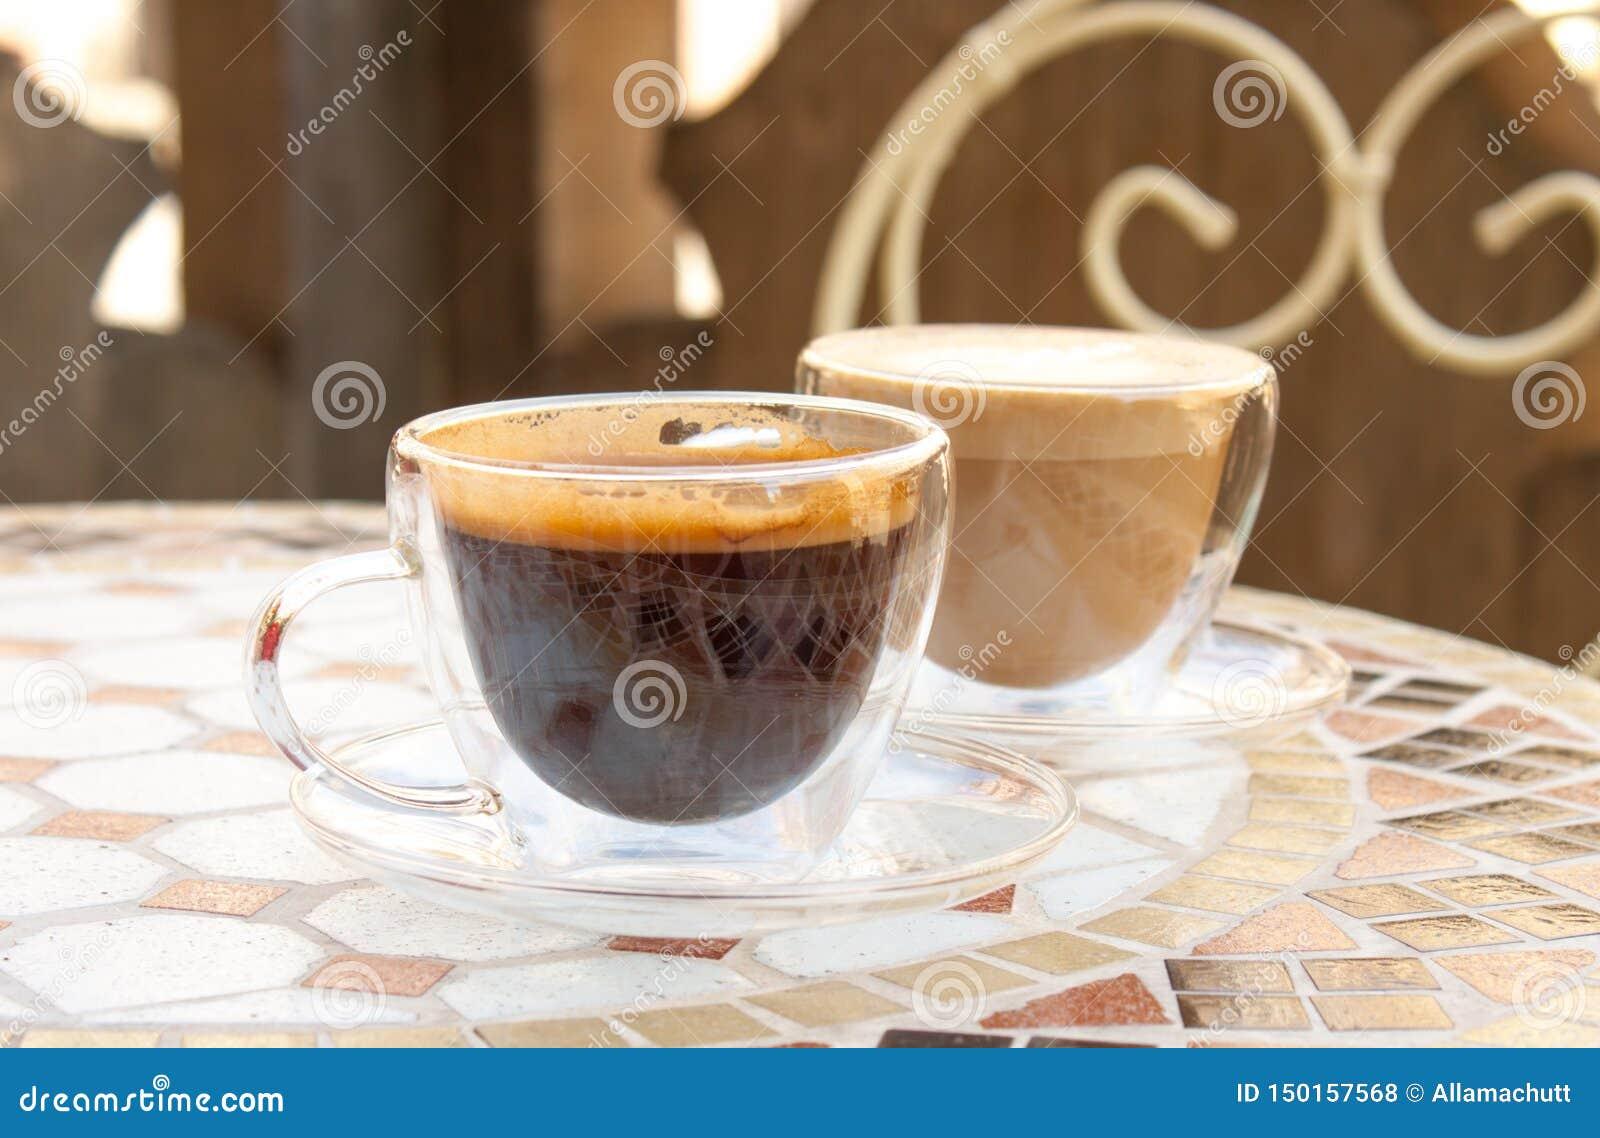 Americano et cappuccino